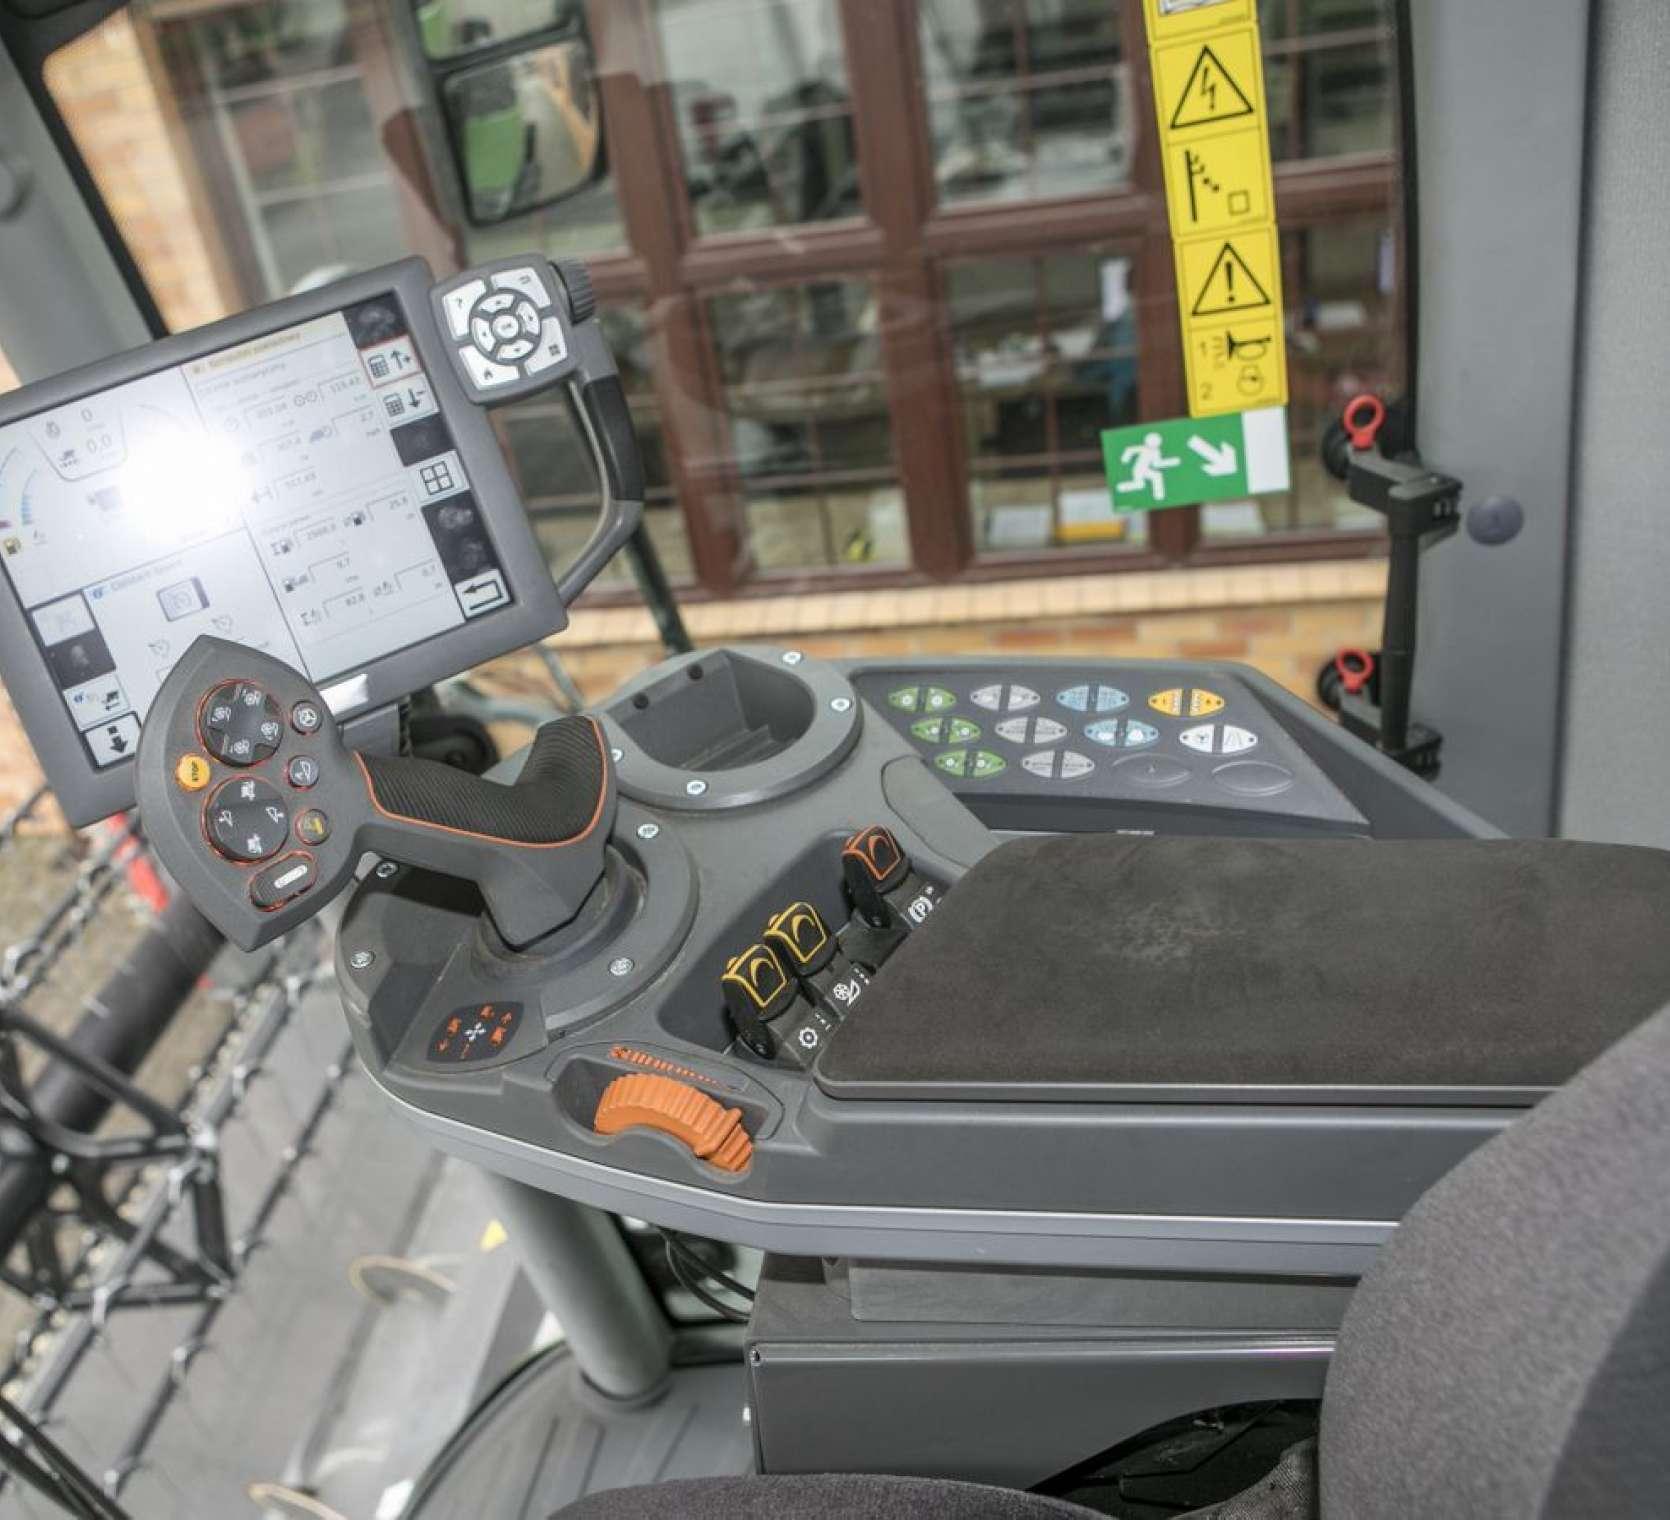 Terminal Variotronic, komputer pokładowy elektrycznie sterowane kierownice siekacza słomy w kombajnie Fendt 6335 używanym od www.korbanek.pl